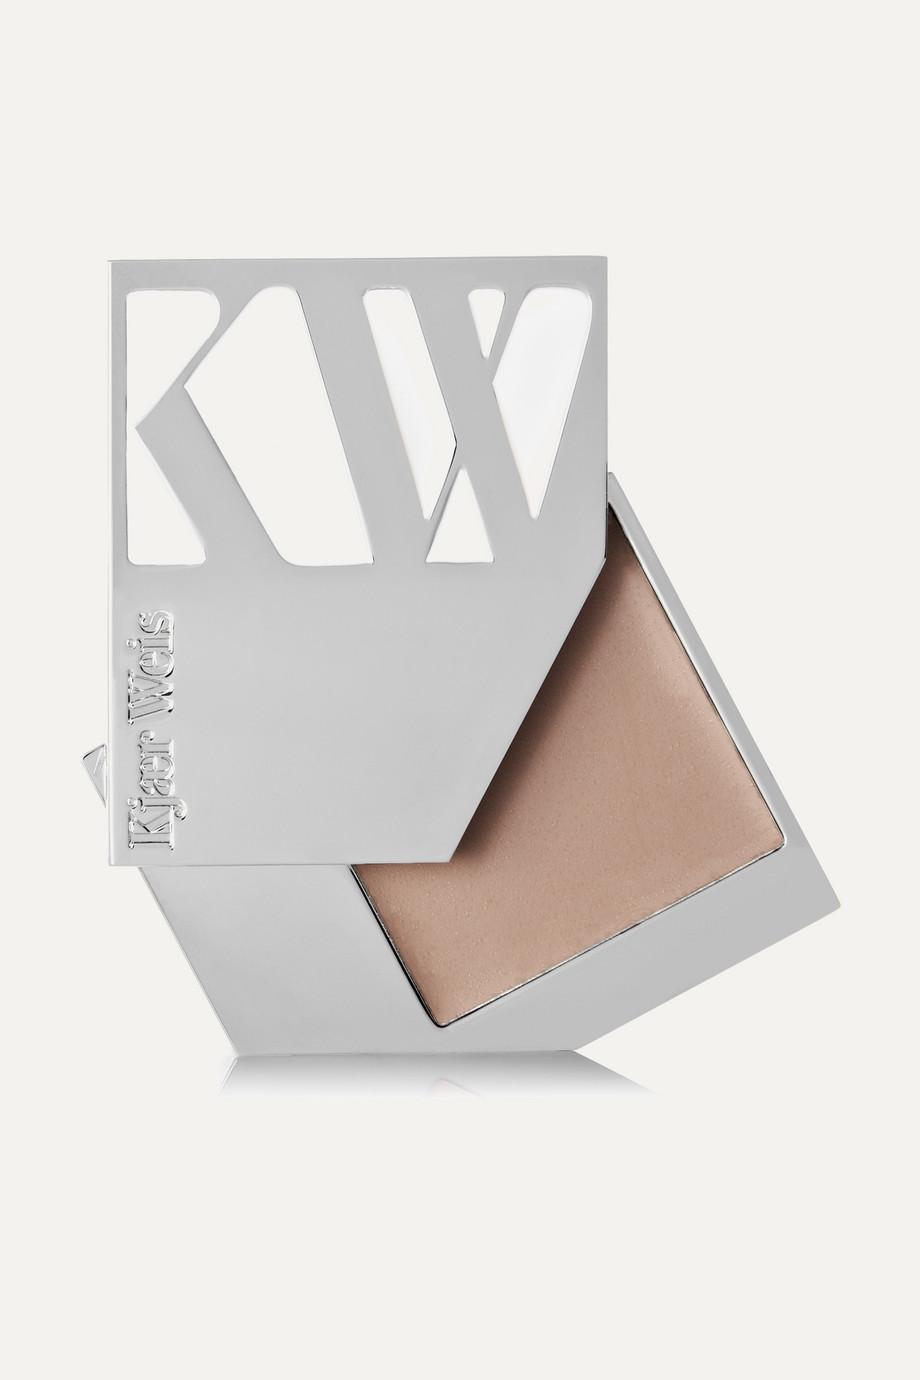 Dazzling Bronzer, by Kjaer Weis